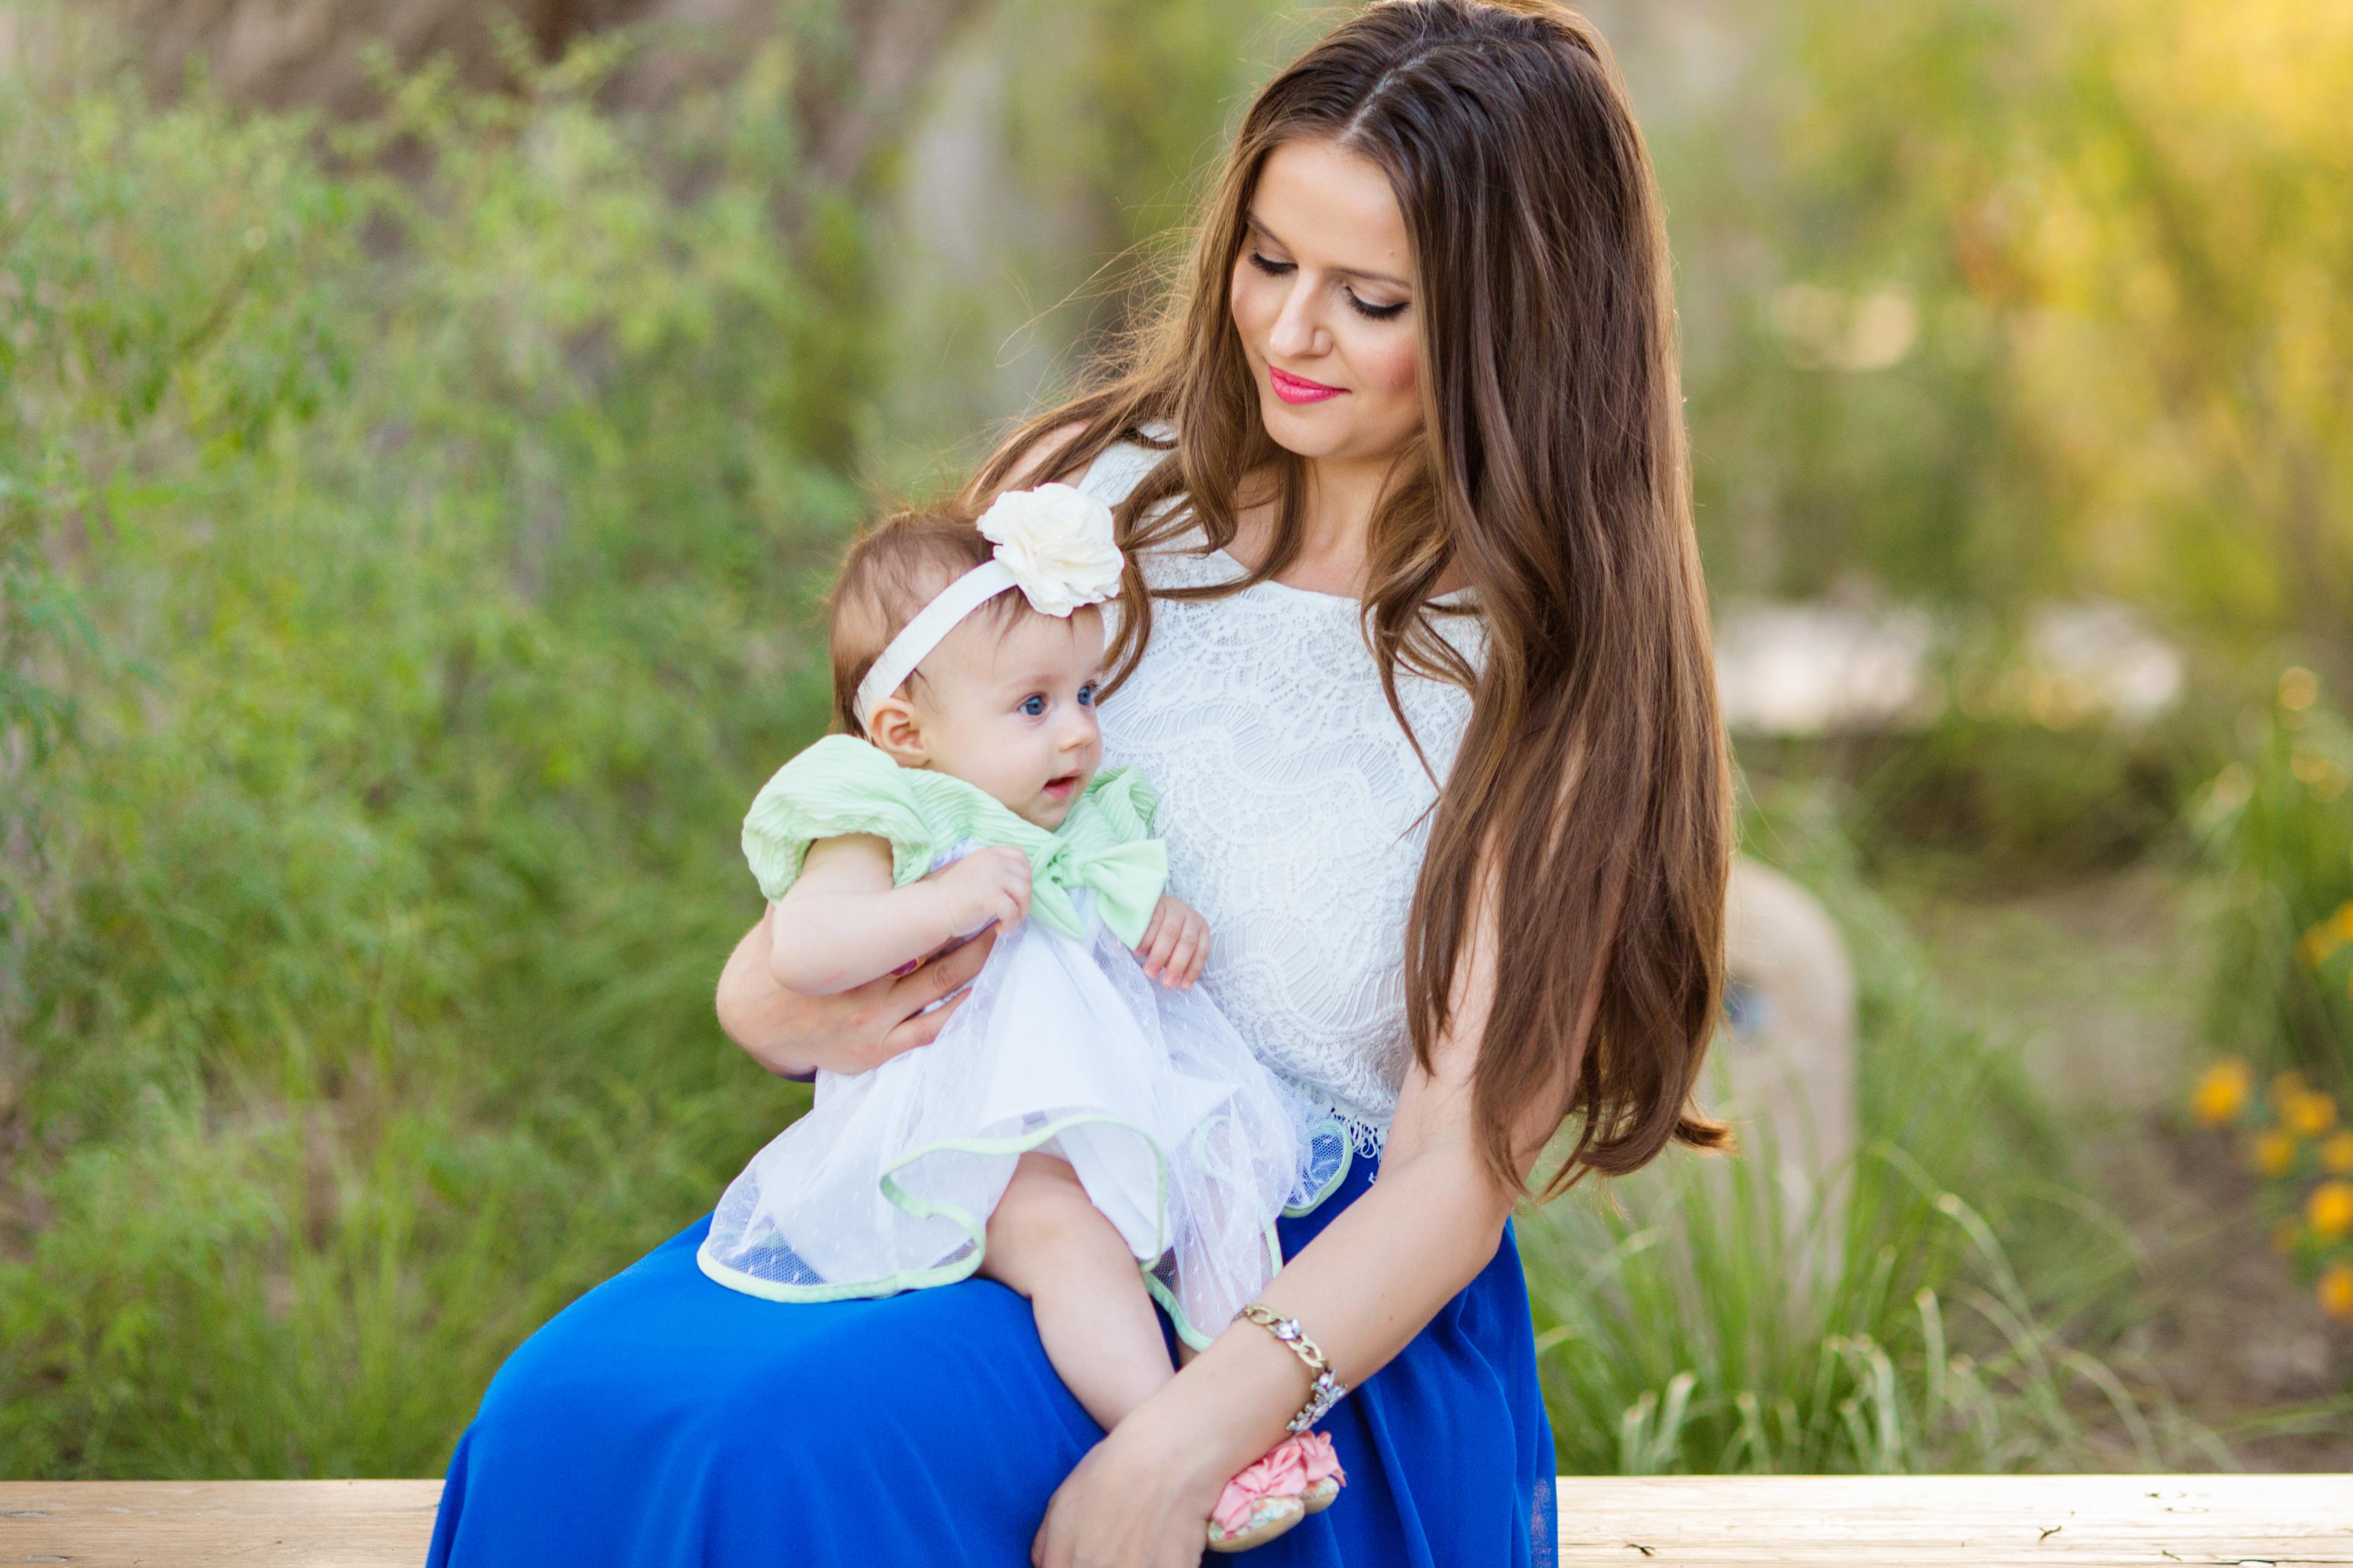 #OOTD // Lace Crop Top & Cobalt Blue Maxi Skirt